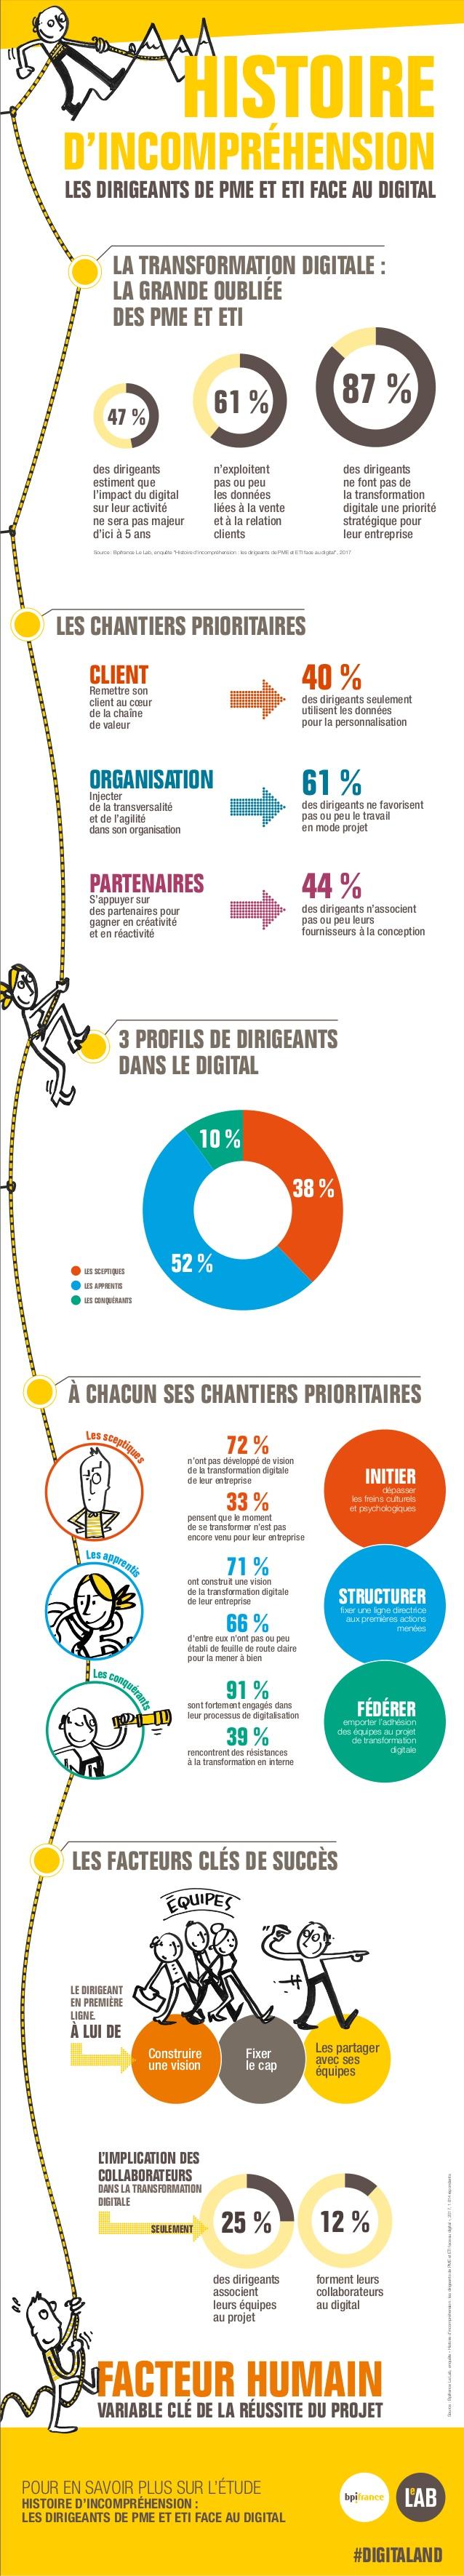 bpifrance-le-lab-infographie-les-dirigeants-de-pme-et-eti-face-au-digital-1-638